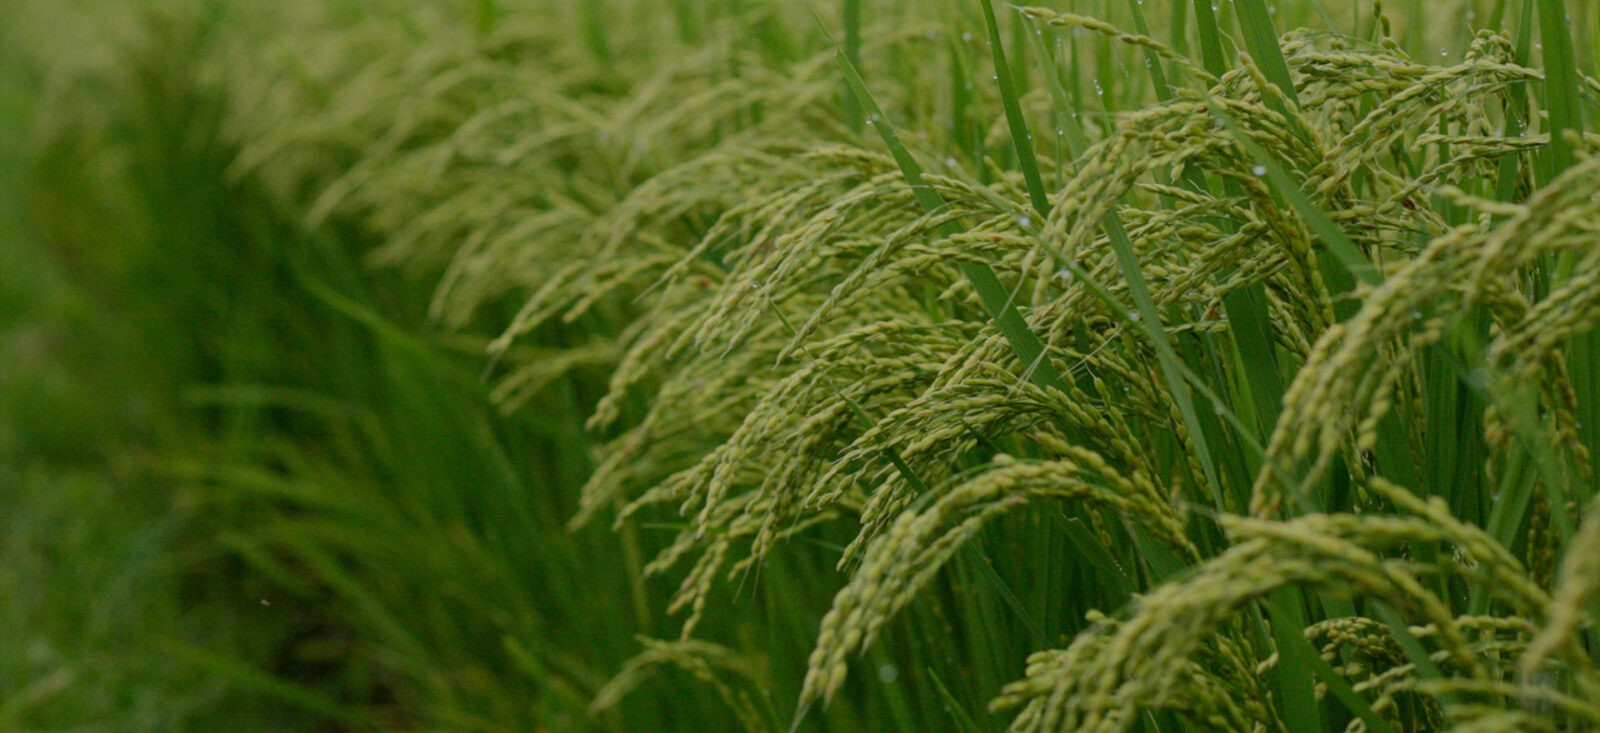 دوره های کشت اول و دوم برنج چه تفاوتی باهم دارند؟